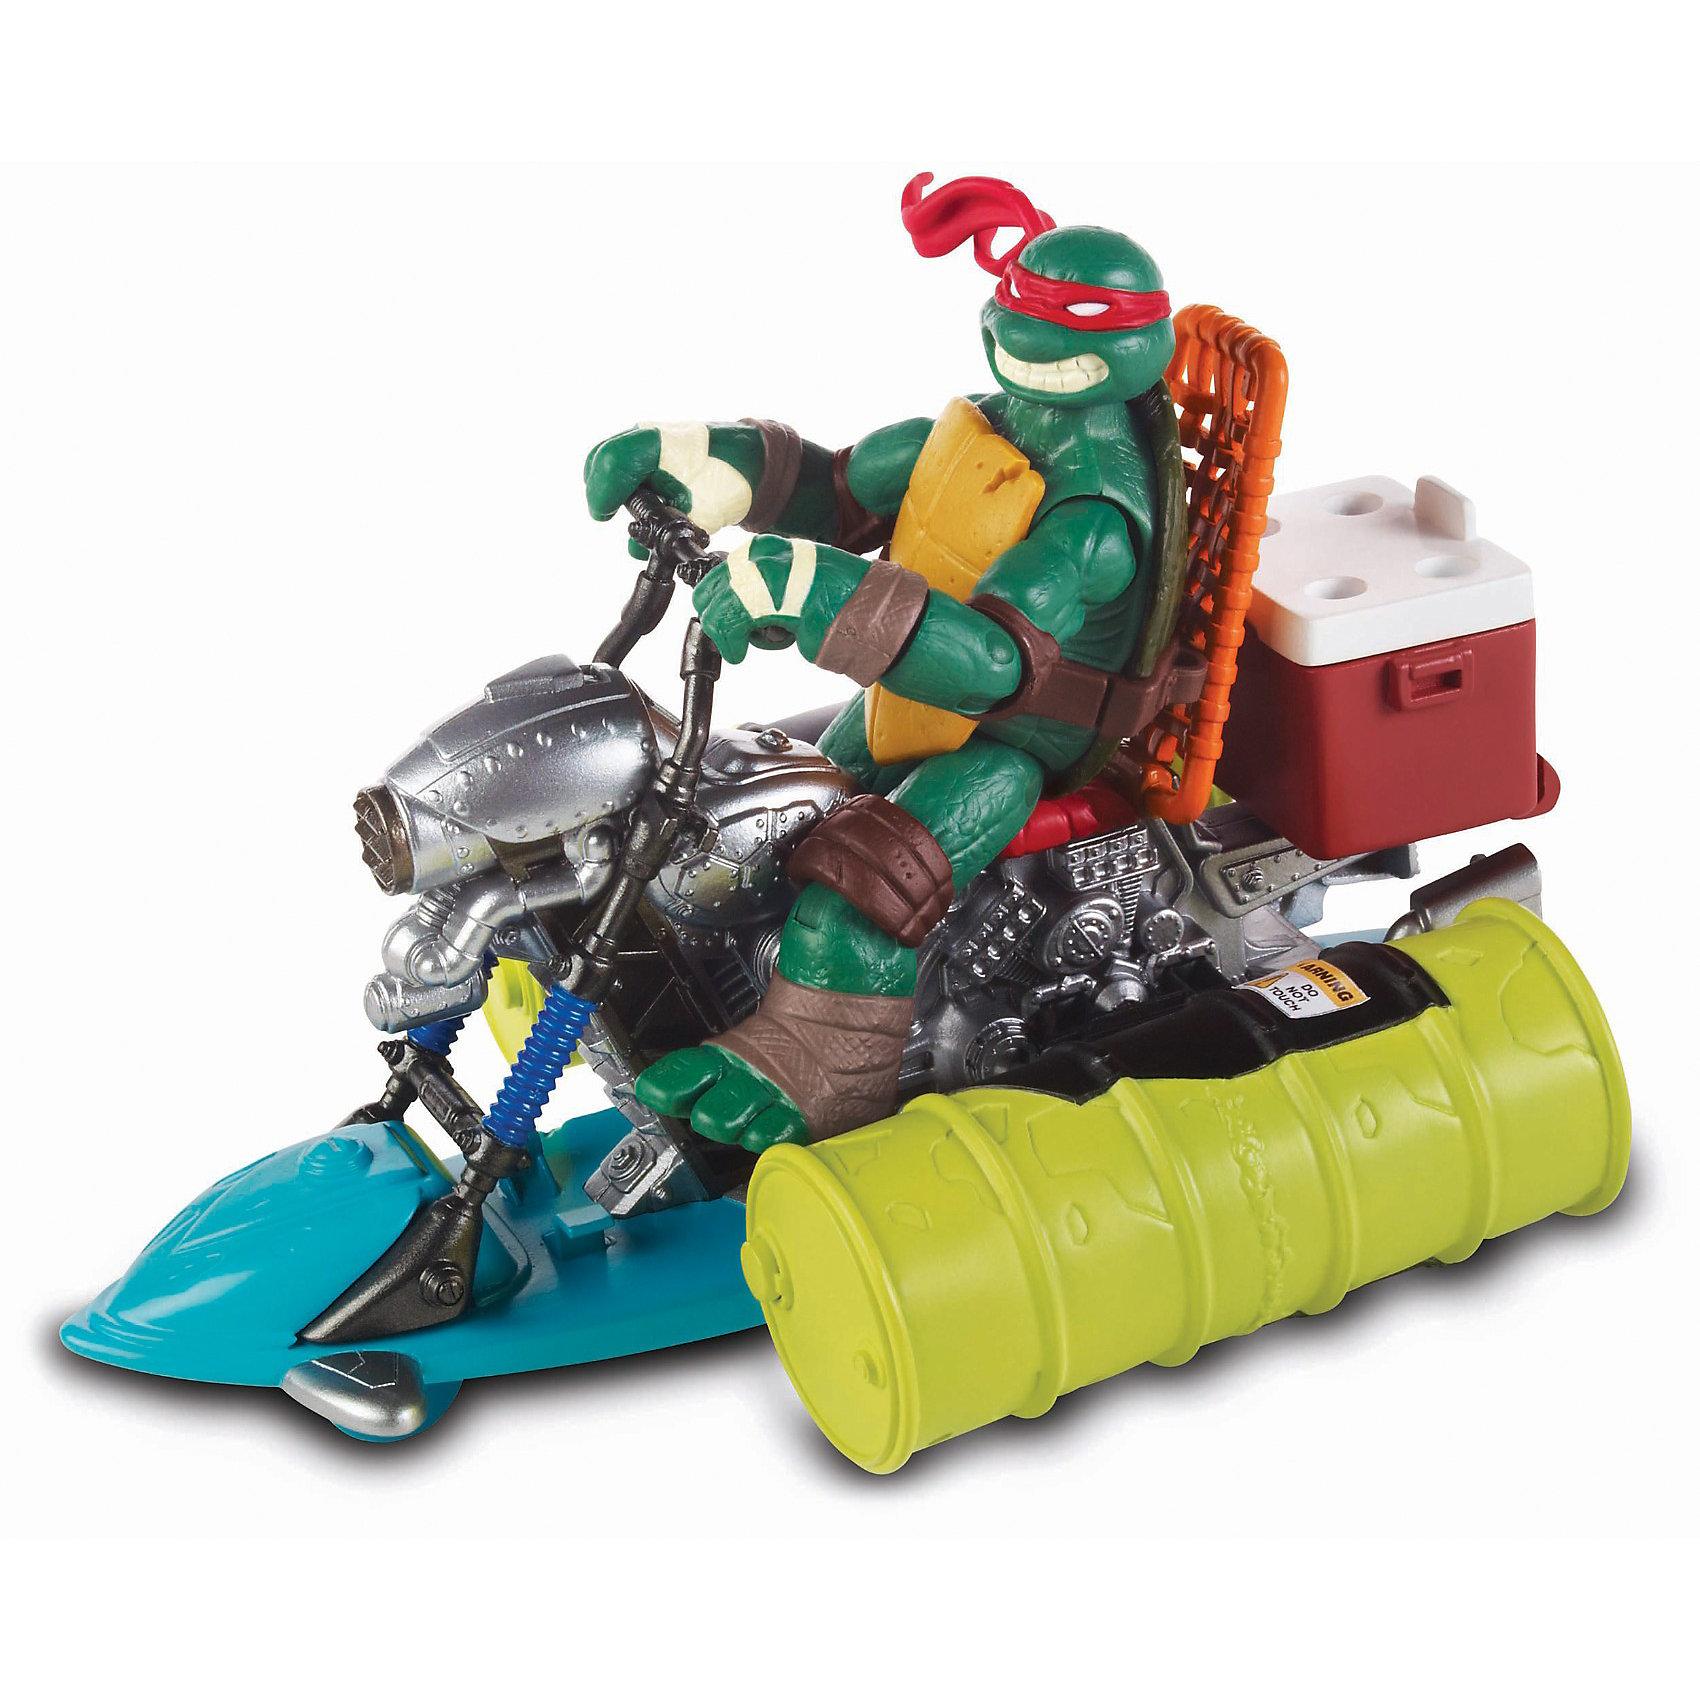 Гидроцикл Черепашки НиндзяИгрушки<br>Гидроцикл «Черепашек-ниндзя»  - игровой набор боевой гидроцикл  для атаки врага на  воде.<br>С помощью  гидроцикла, «Черепашки-ниндзя» (Ninja Turtles) могут  настичь неприятеля на воде.<br>На водительском сиденье можно расположить одну из фигурок «Черепашек Ниндзя»  12см.<br>За сиденьем  гидроцикла  находится специальный ящик, который можно наполнить  мутагеном - это боевой раствор, на основе мыльной воды зелёного цвета (продается отдельно). С помощью лёгкого движения руки, ящик  можно опрокинуть  и  мутаген окажется на воде - враги повержены!<br>Гидроцикл,  по настоящему, держится на воде, что придаёт игре ещё большую реалистичность.  <br>Игровой набор развивает фантазию, воображение, а также умение создать ролевую игру на основе сюжетов из любимого мультсериала.<br>Гидроцикл «Черепашек-Ниндзя» продаётся  в яркой и красивой упаковке.<br><br>Теперь врагам не уйти!<br><br>Дополнительная информация:<br><br>- Размер  гидроцикла (ВхДхШ): 10х18х14 см. <br>- Вес: 0,322 кг.<br>- Материал: Пластик<br>- Фигурки-игрушки «Черепашек-ниндзя» в комплект не входят и приобретаются отдельно. <br><br>«Гидроцикл, Черепашки Ниндзя» можно купить в нашем интернет-магазине.<br><br>Ширина мм: 250<br>Глубина мм: 70<br>Высота мм: 190<br>Вес г: 325<br>Возраст от месяцев: 48<br>Возраст до месяцев: 132<br>Пол: Мужской<br>Возраст: Детский<br>SKU: 3377417